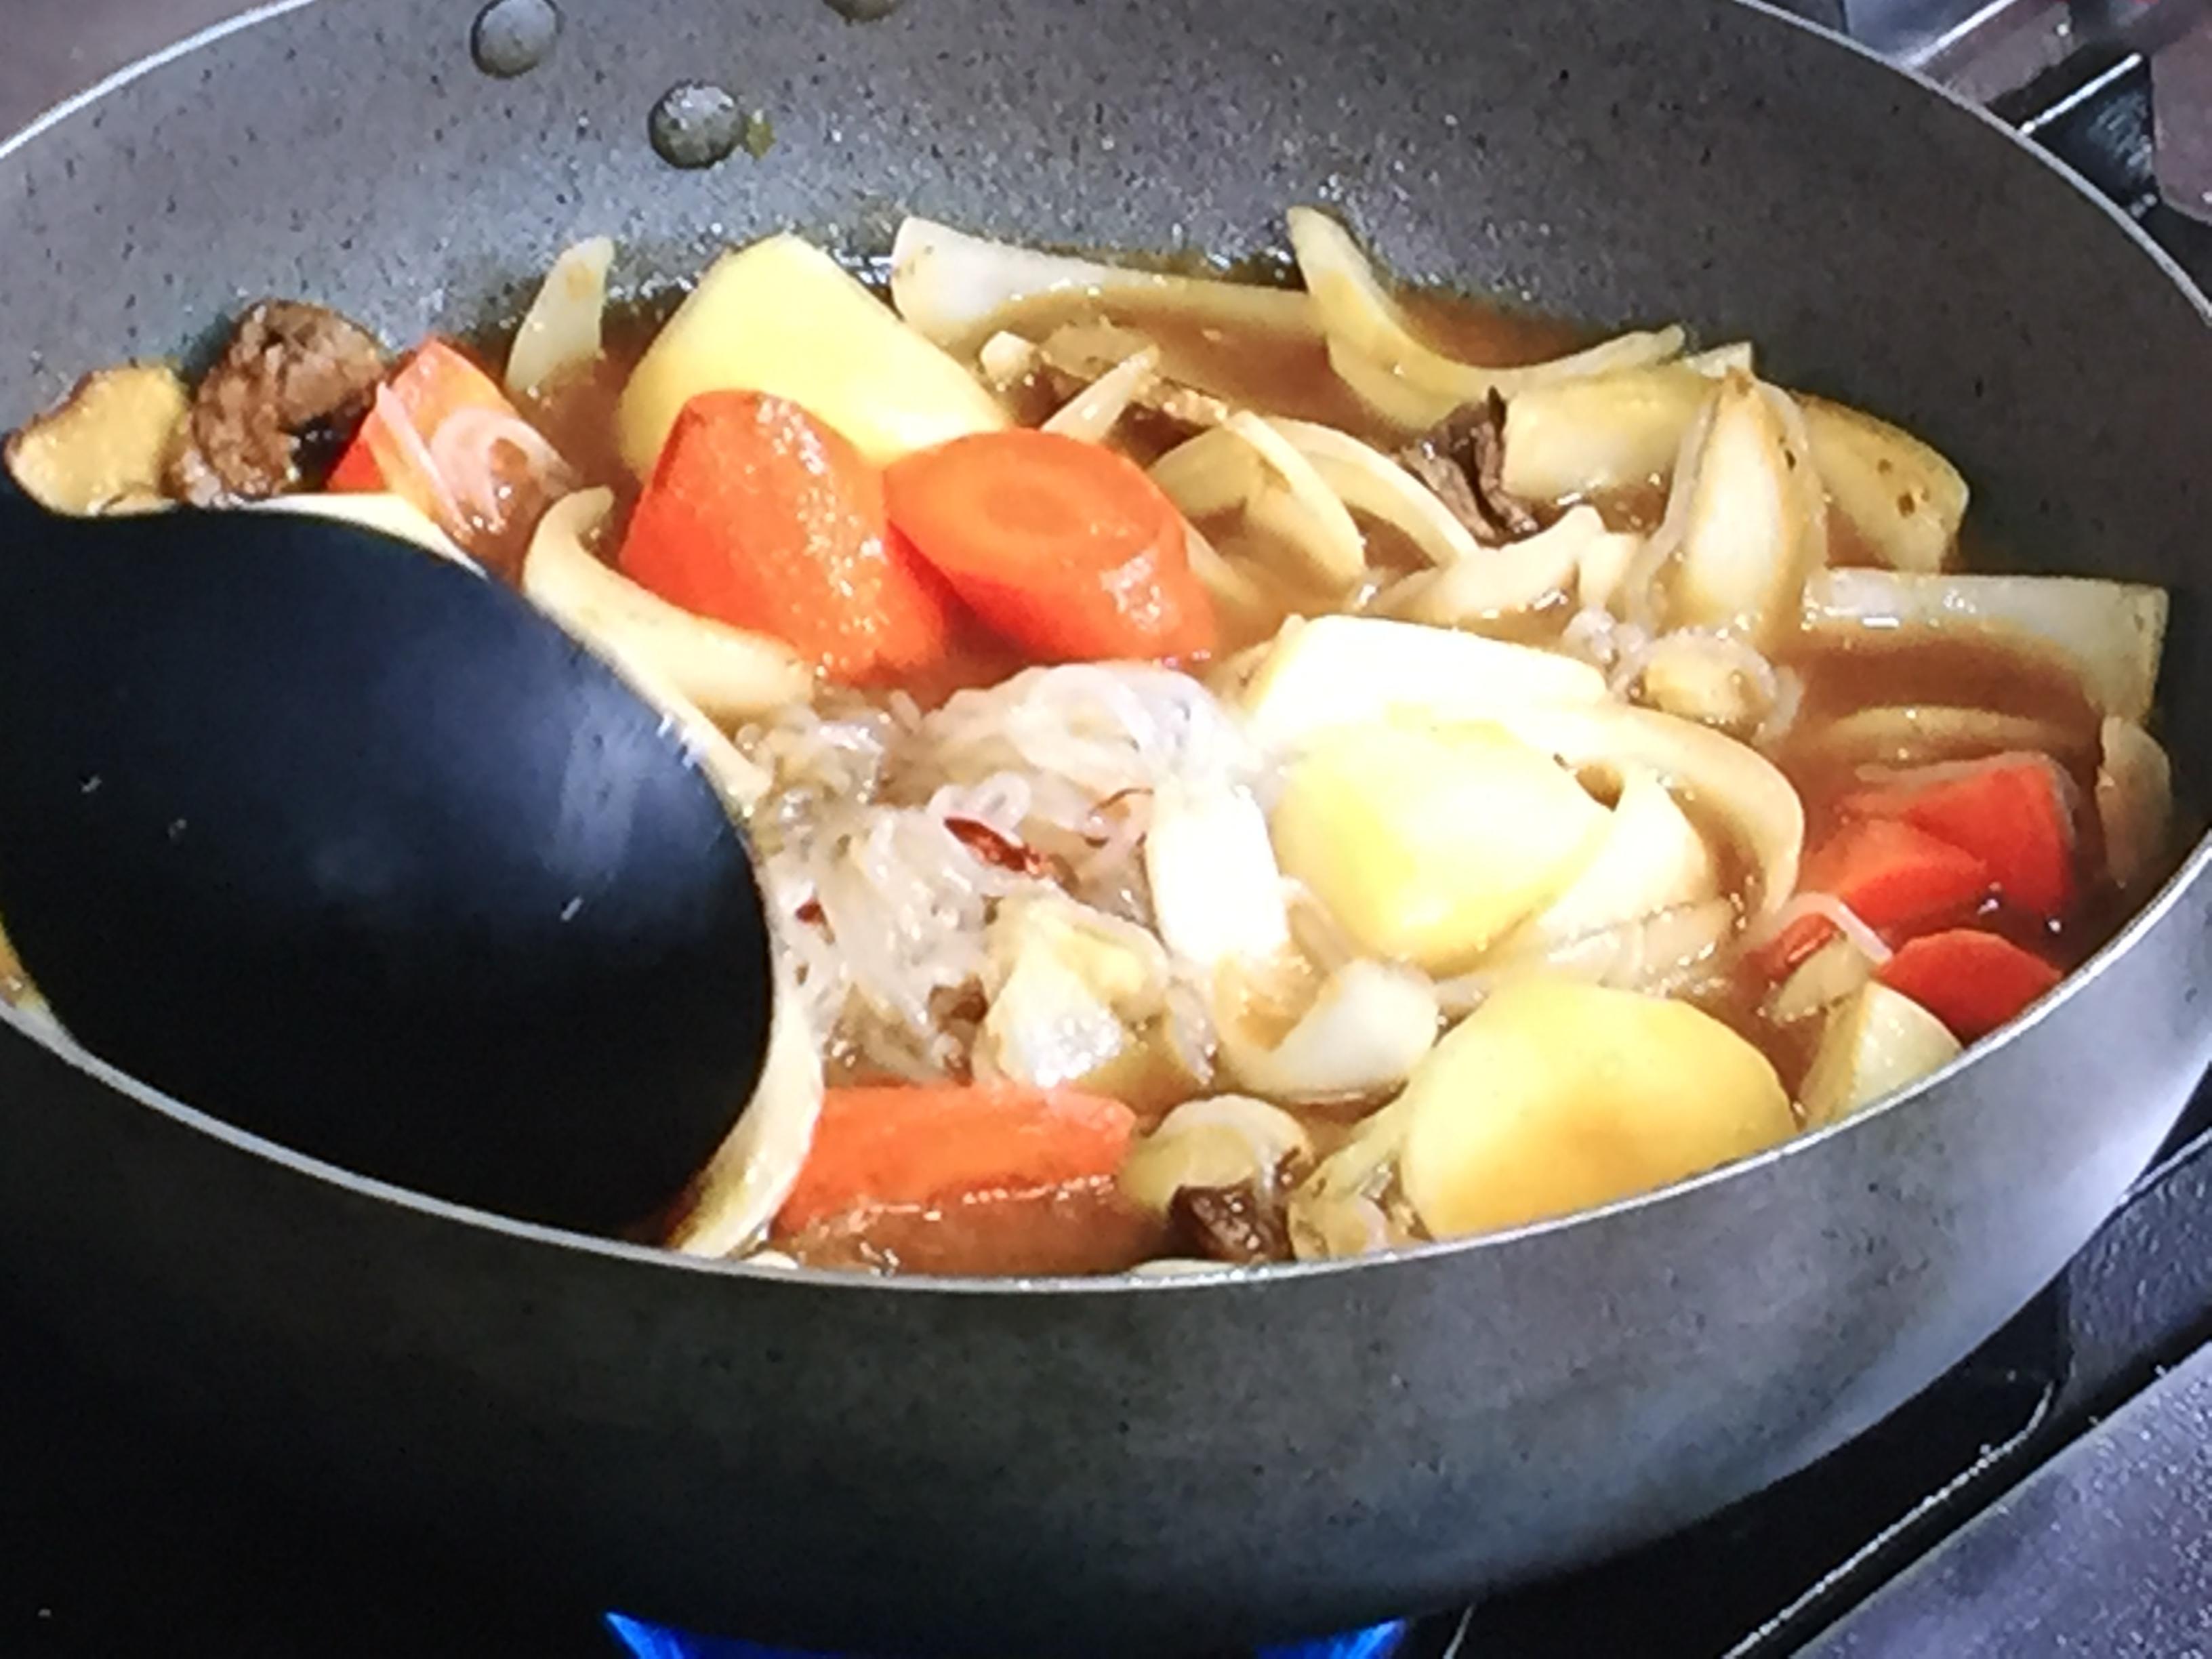 手づくり焼き肉のたれ レシピ コウ ケンテツさん| …